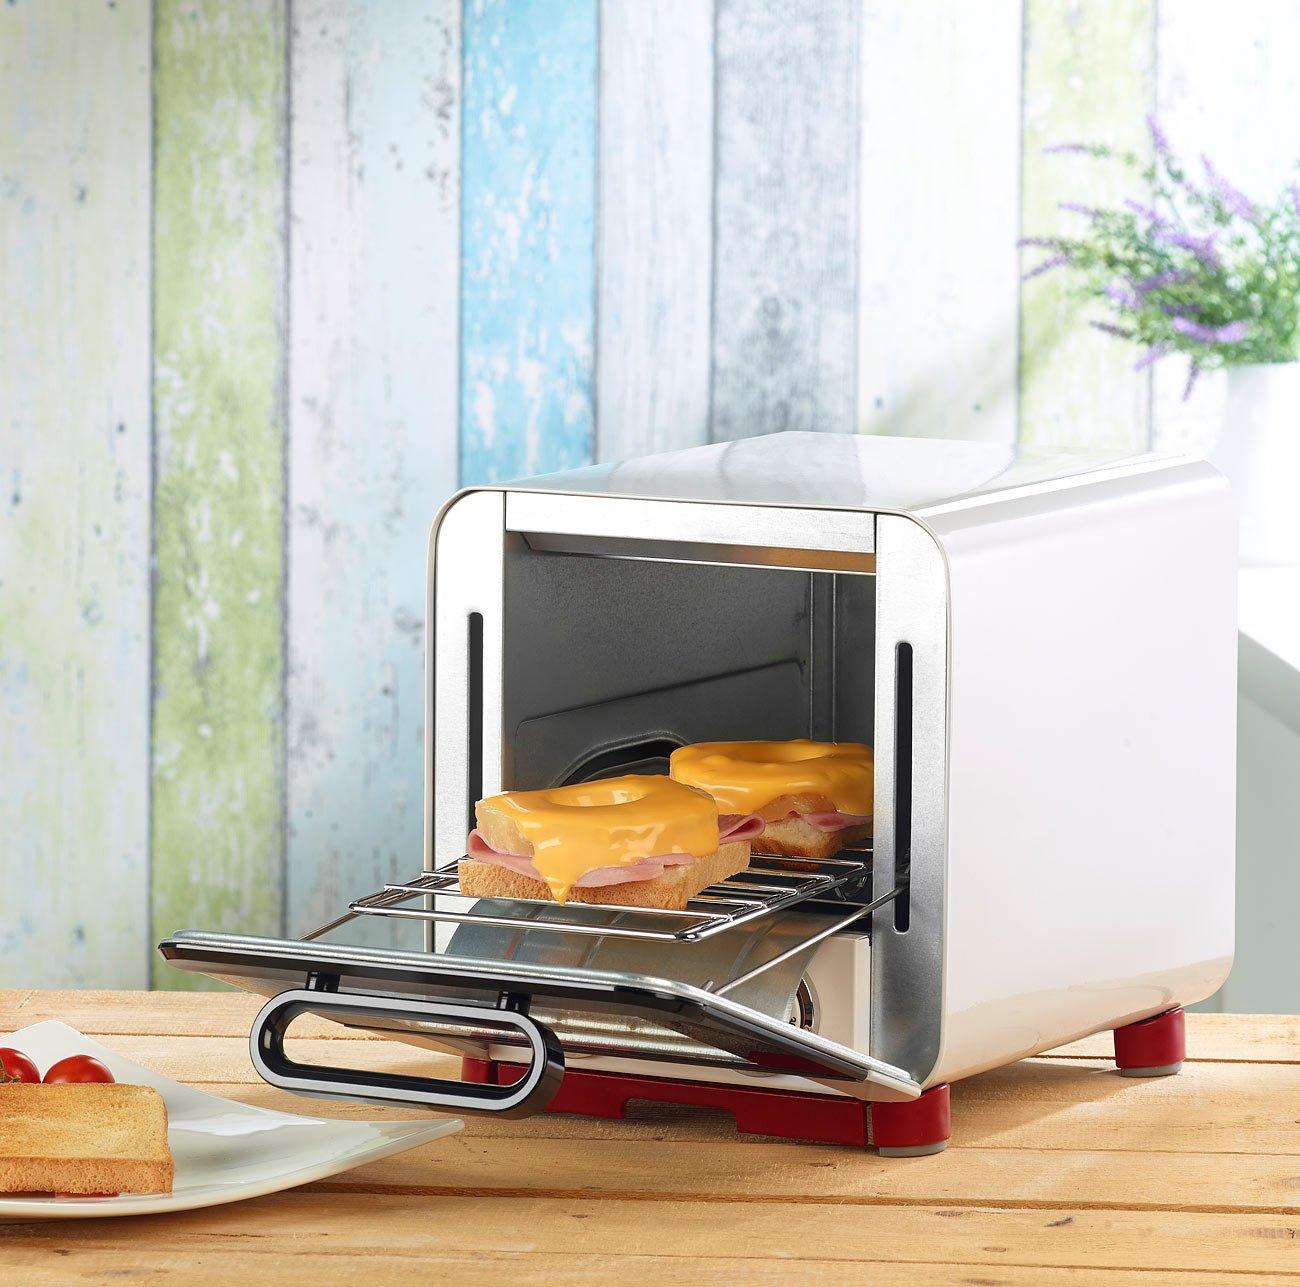 Rosenstein-Shne-Kleinbackofen-Kompakter-Klein-Backofen-fr-belegten-Toast-uvm-1000-Watt-8-l-Minibackfen